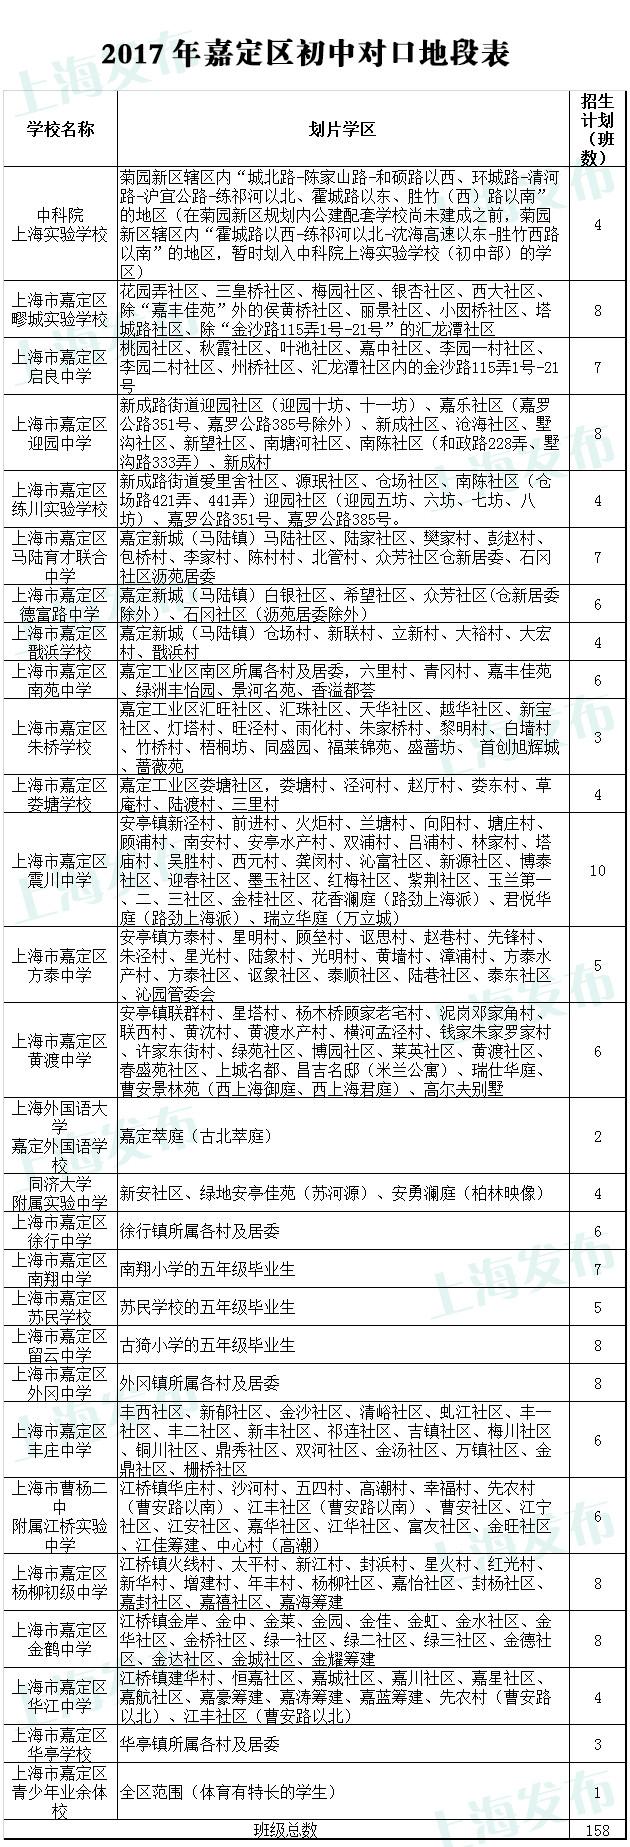 2017年上海嘉定区小升初划片学区及招生计划